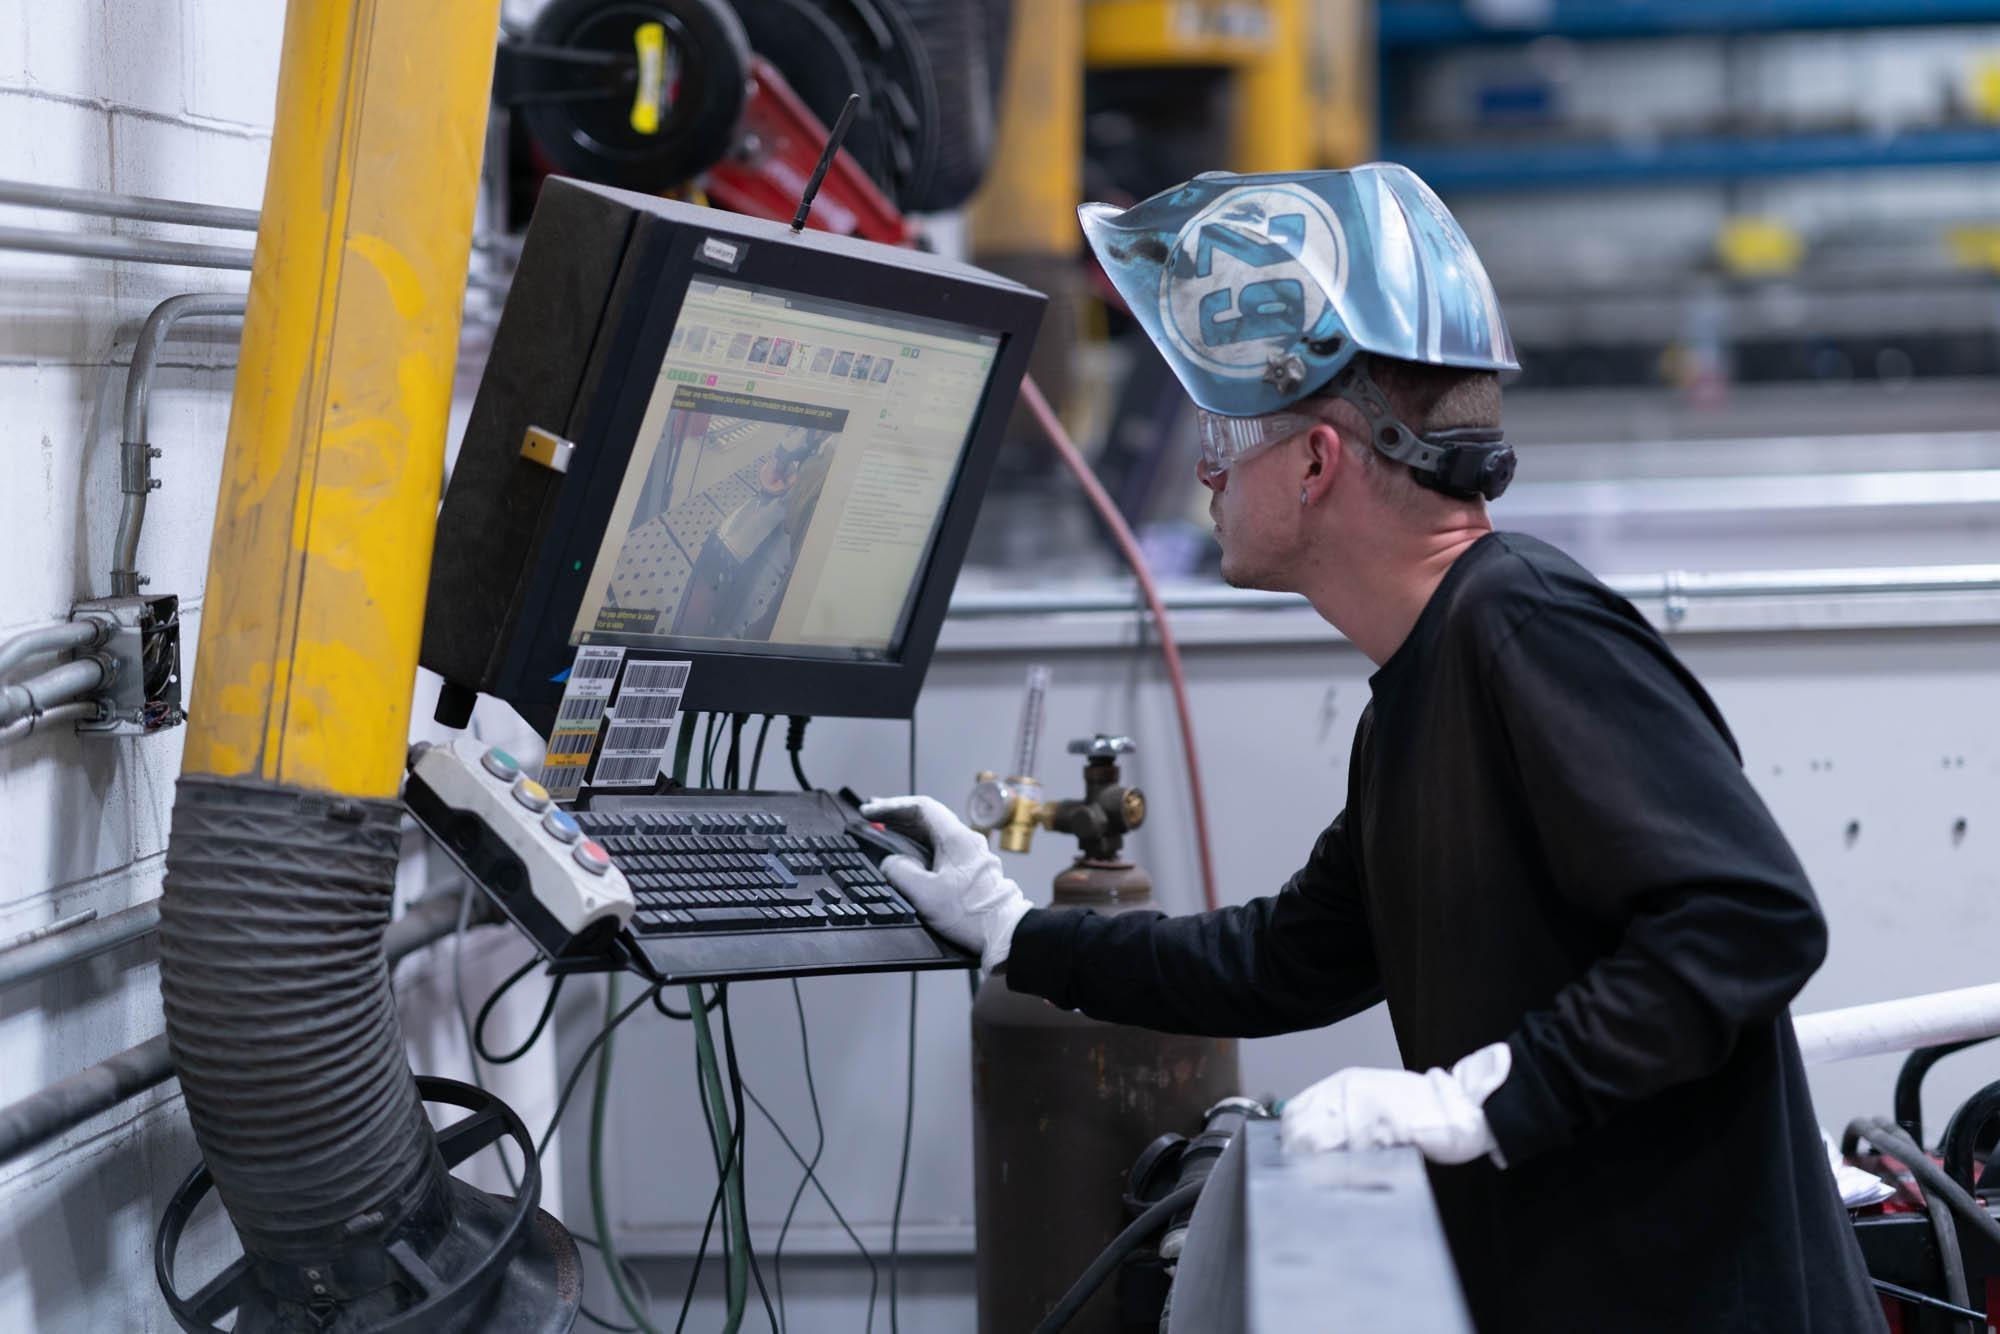 worker wiht machine image